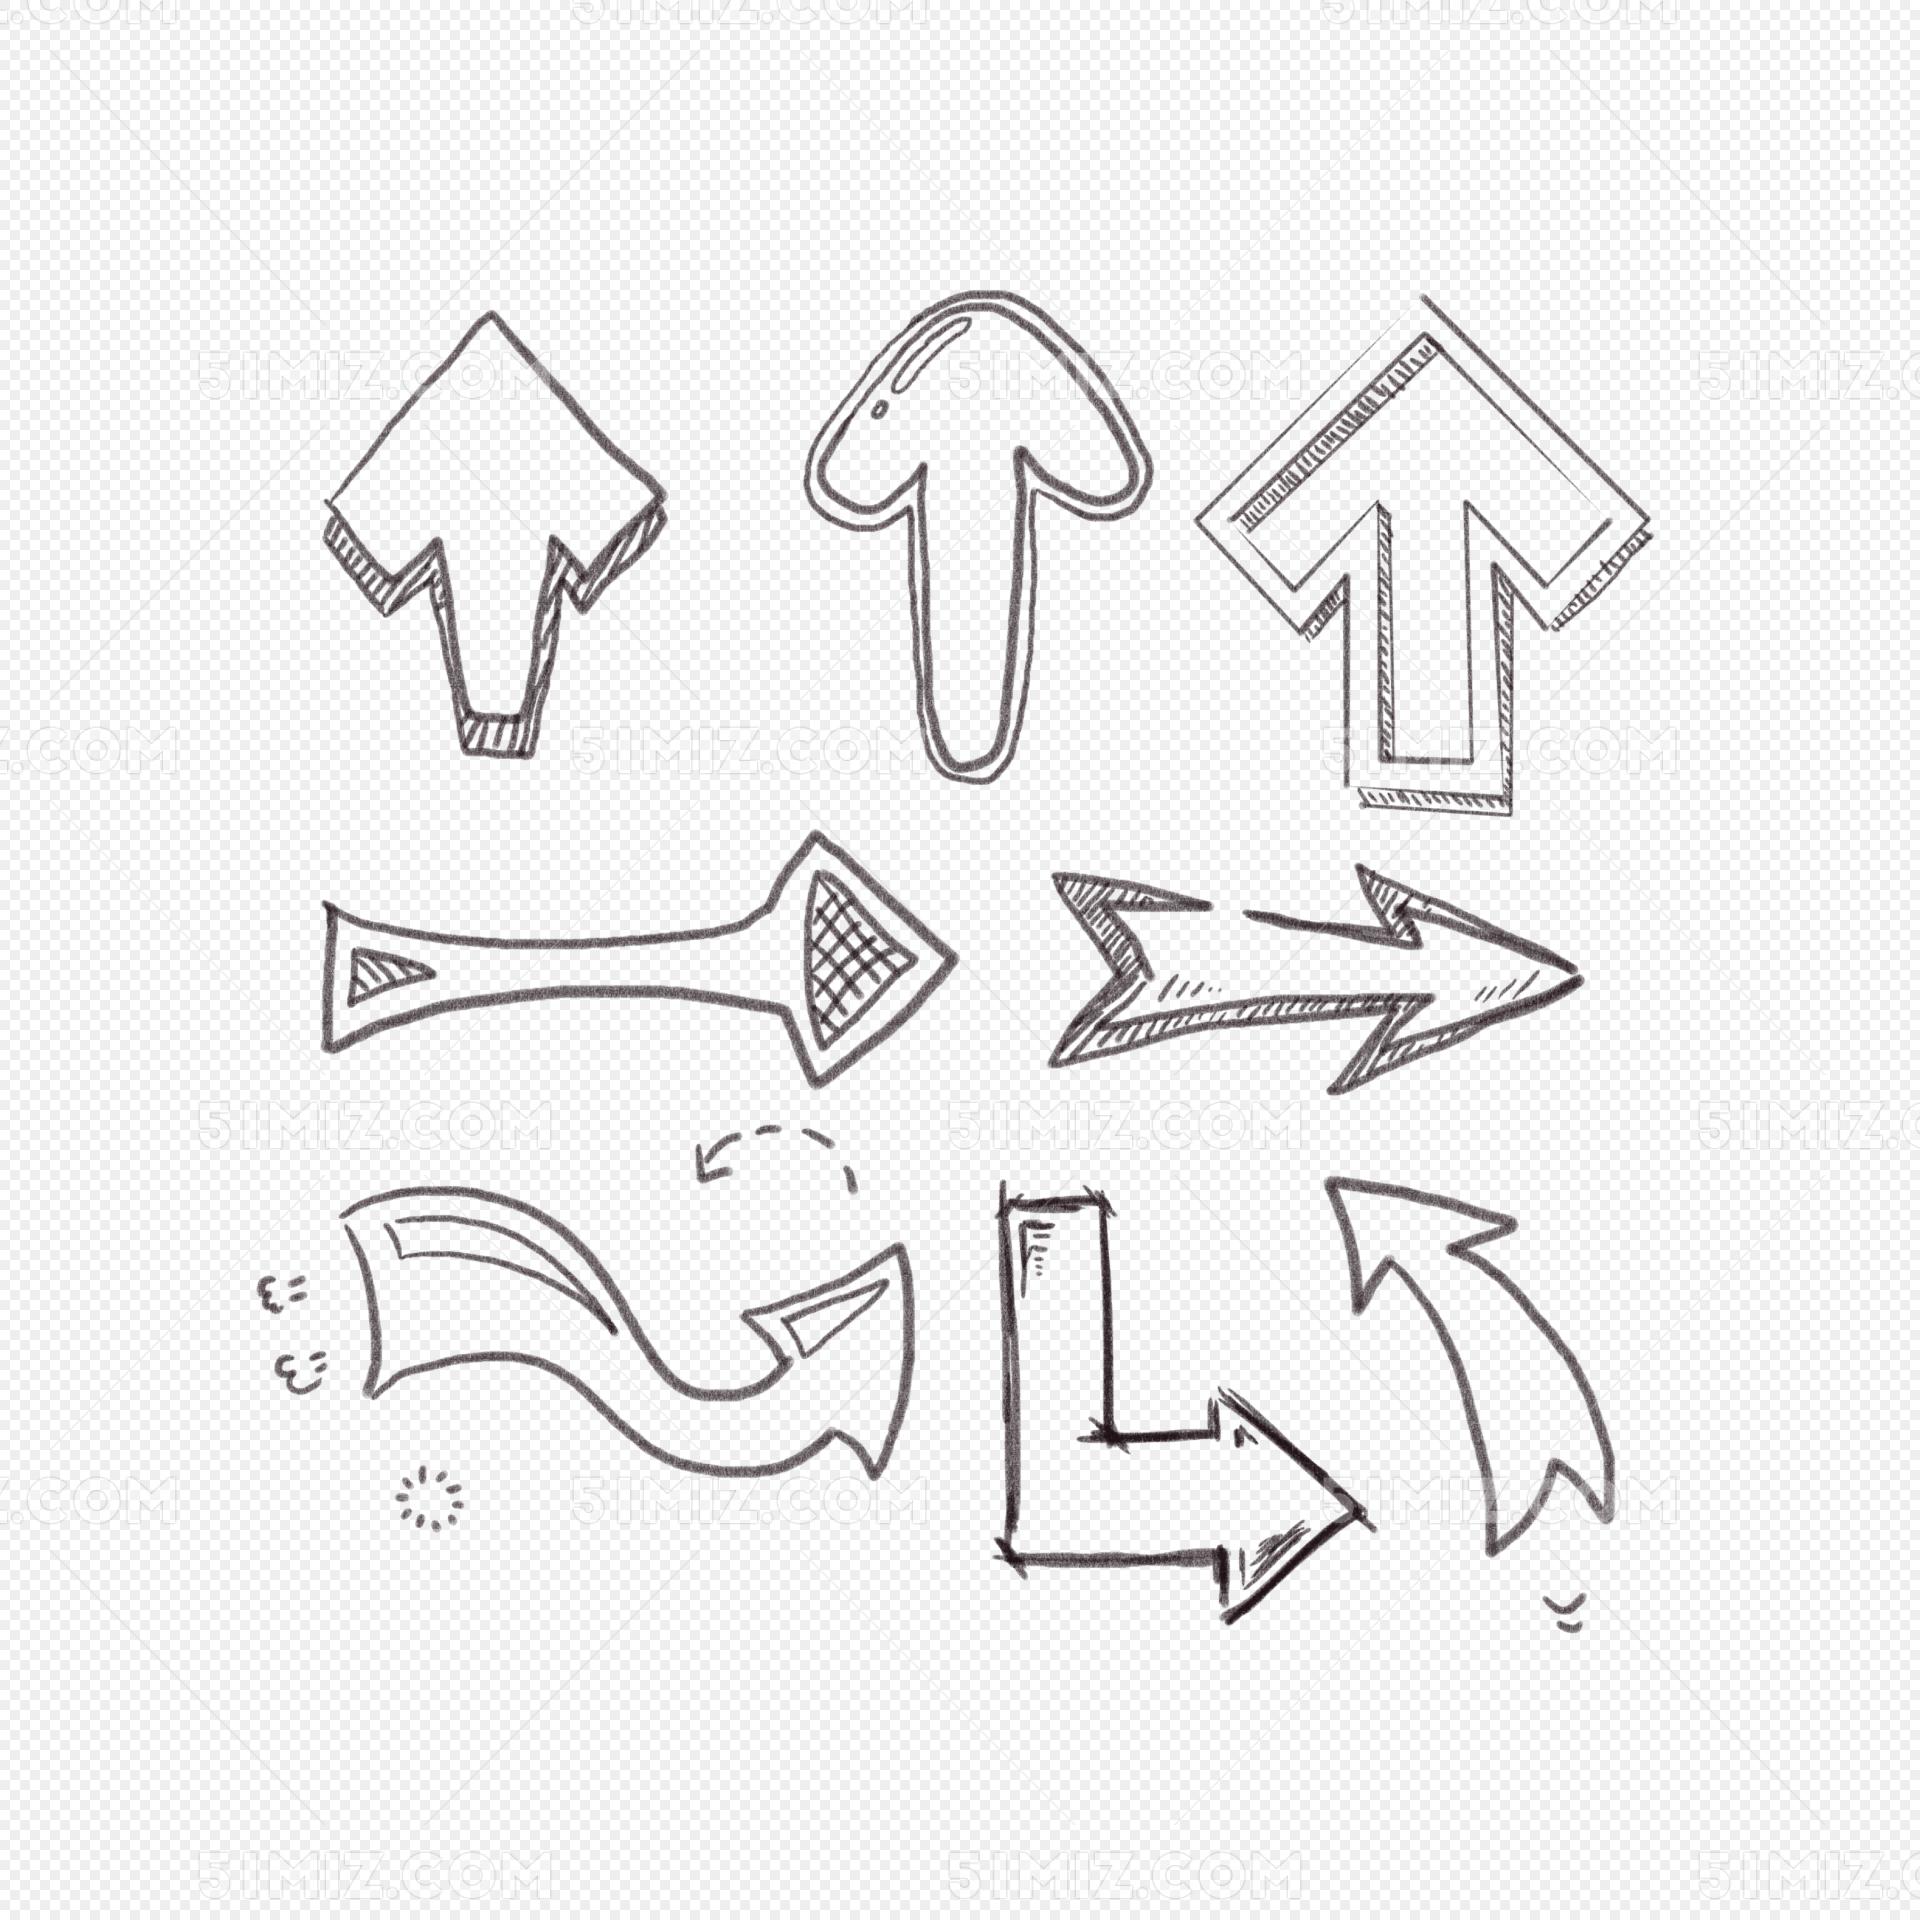 卡通手绘涂鸦线条箭头简笔画图片素材免费下载 觅知网